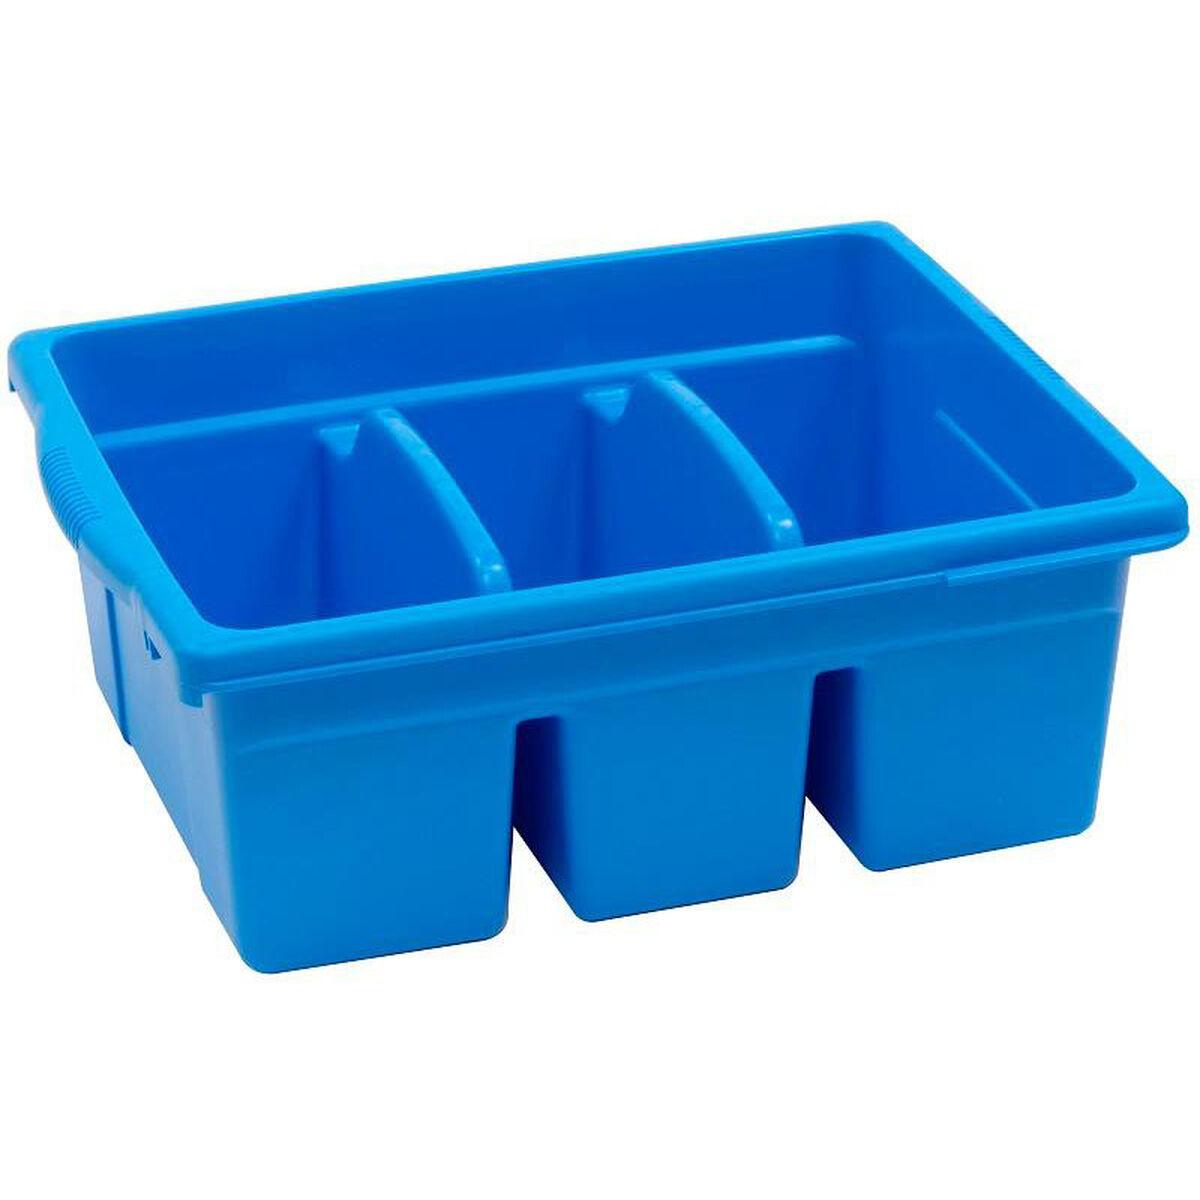 Large Blue Plastic Tub CC4069-B | Bizchair.com